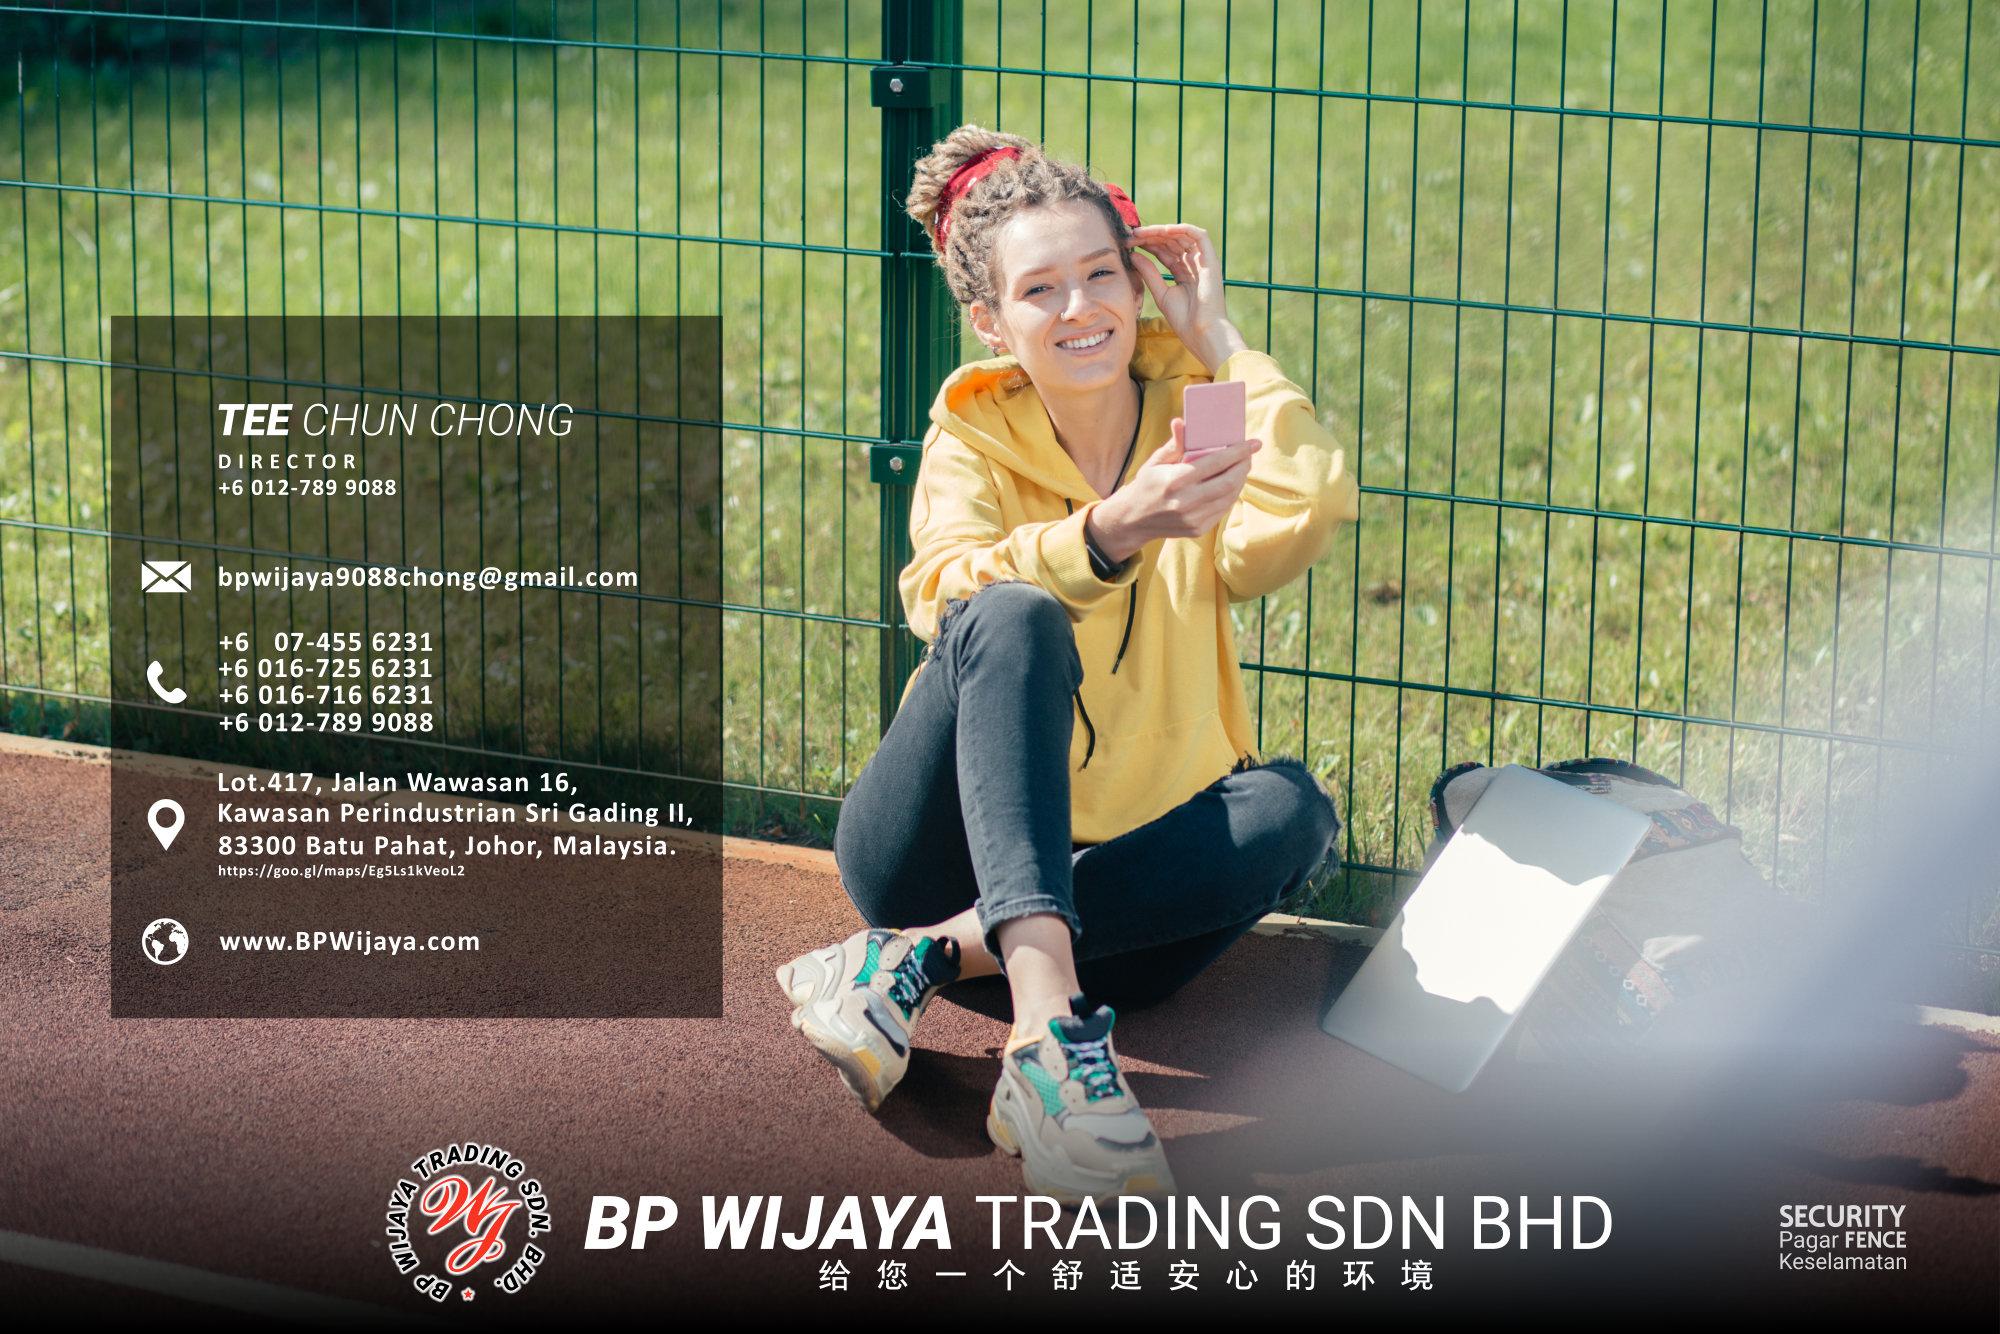 吉隆坡安全篱笆供应商 - 我们是安全篱笆制造商 BP Wijaya Trading Sdn Bhd 住家围栏篱笆 提供 吉隆坡篱笆 建筑材料 给 发展商 花园 公寓 住家 工厂 农场 果园 安全藩篱 建设 A03-008